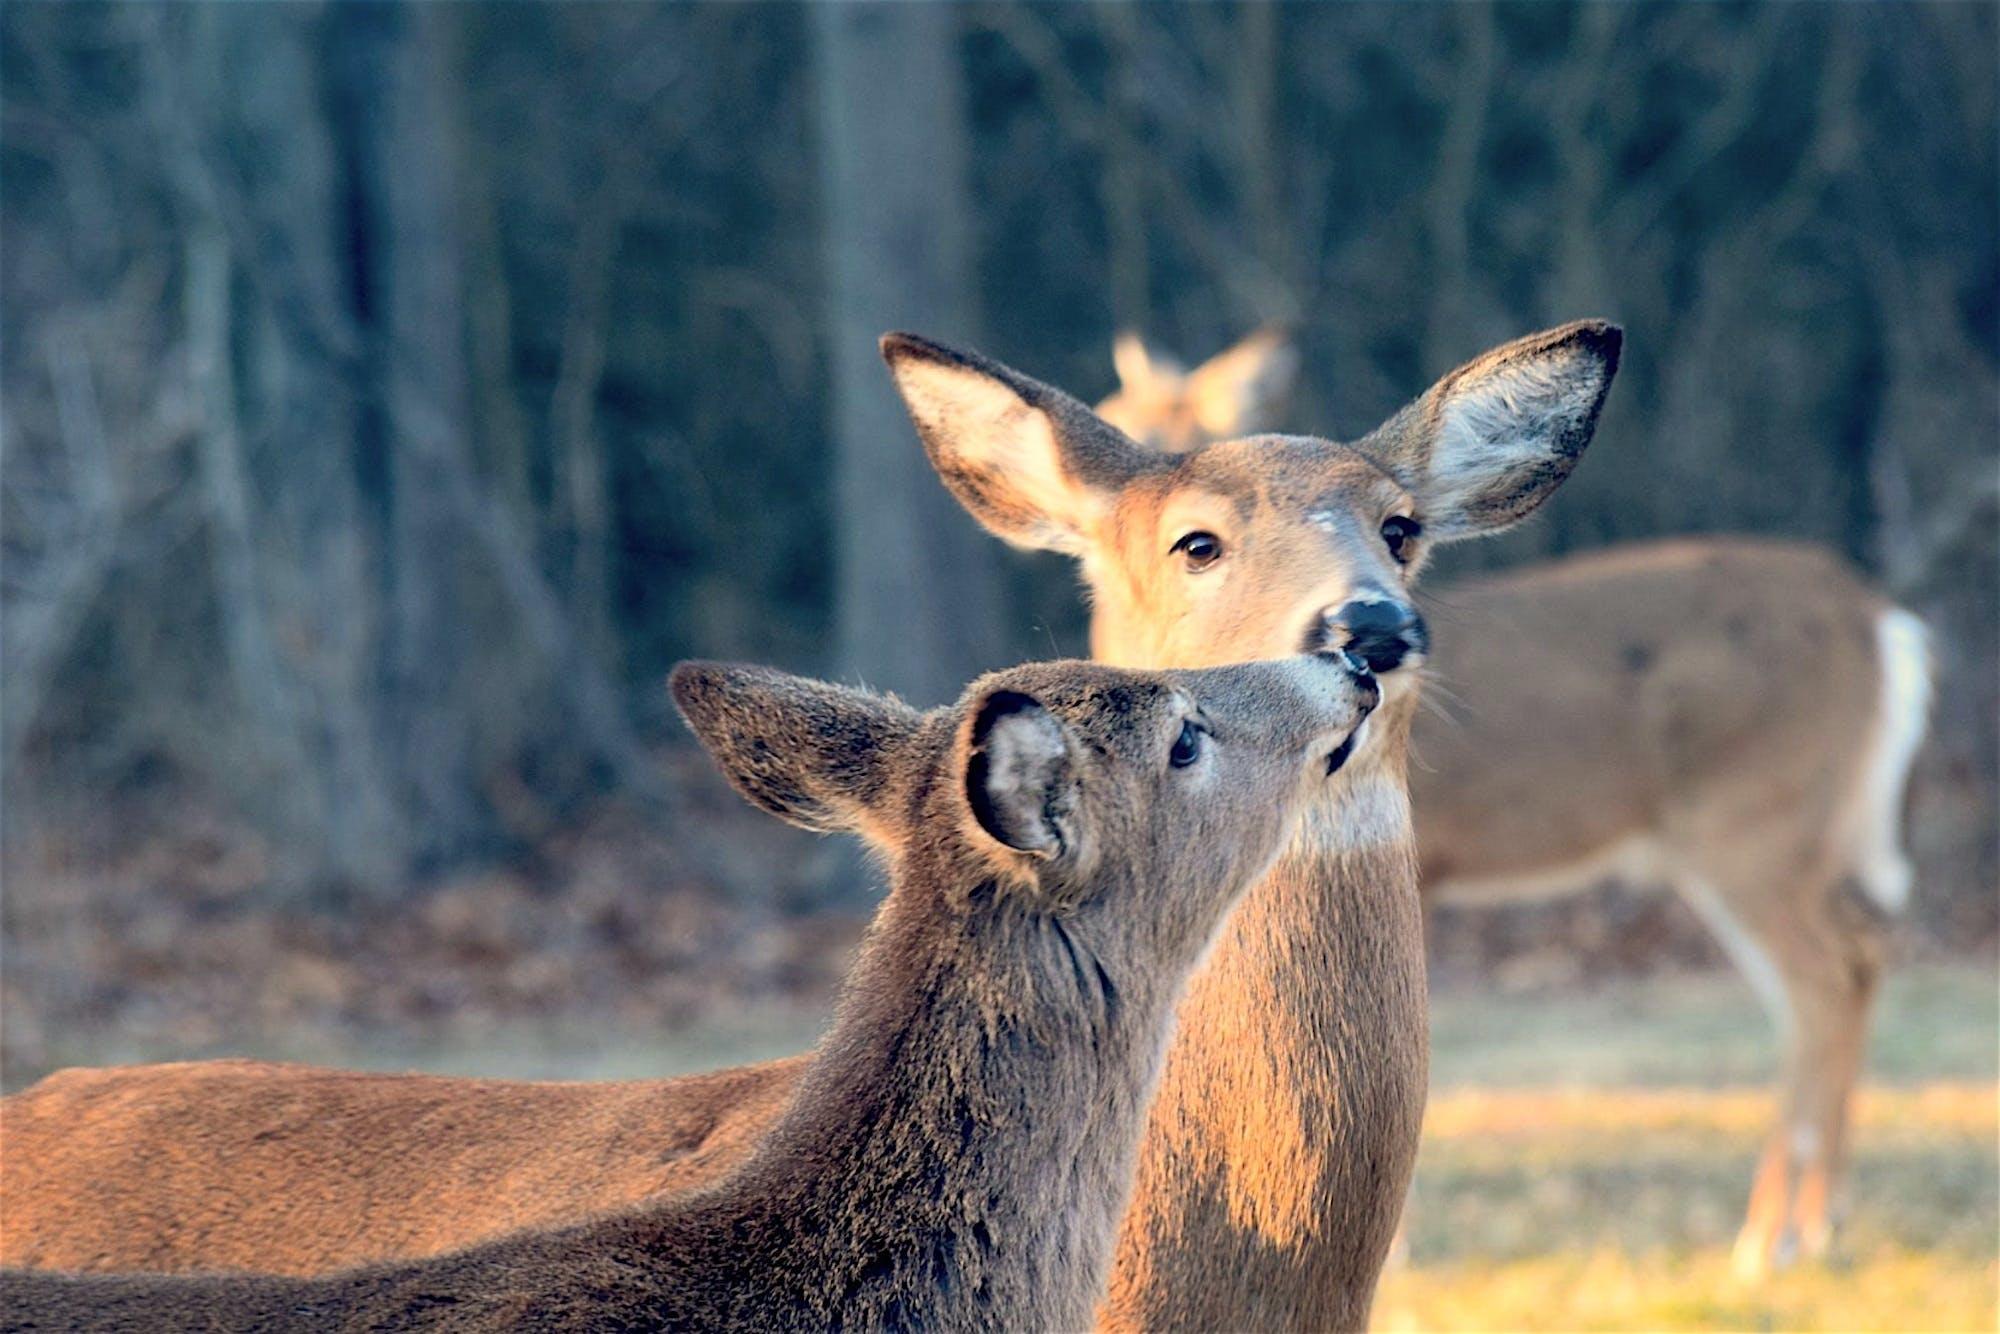 Fotos de stock gratuitas de animal, arboles, cierva, ciervo